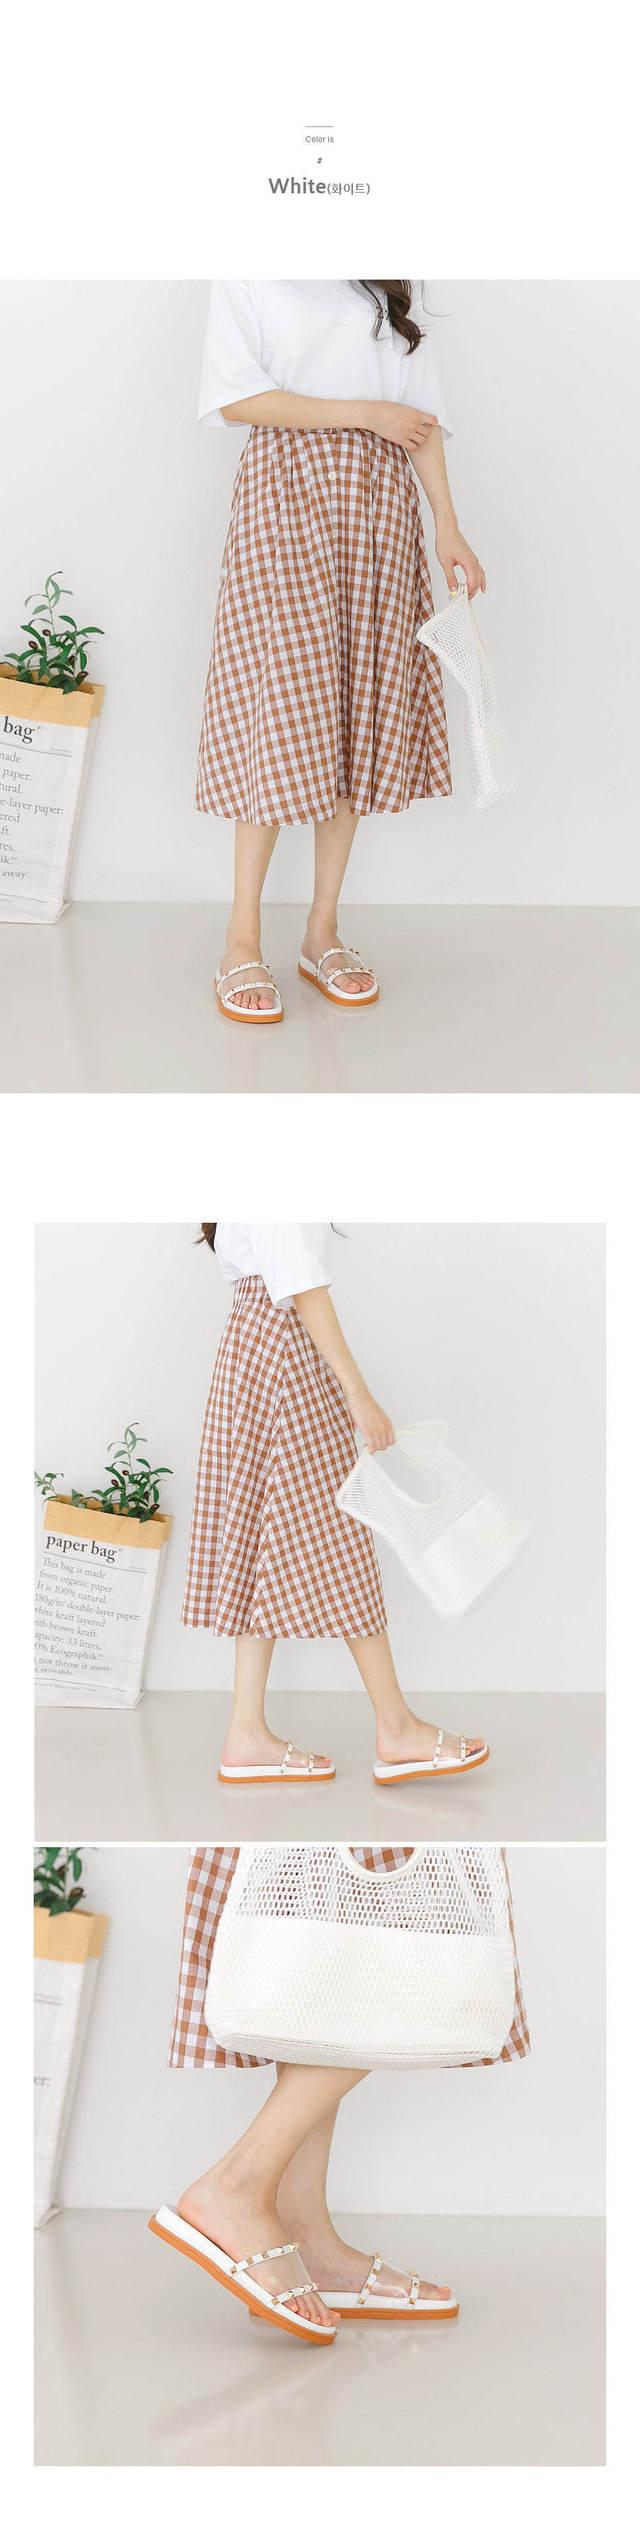 Lent PVC slippers 3cm